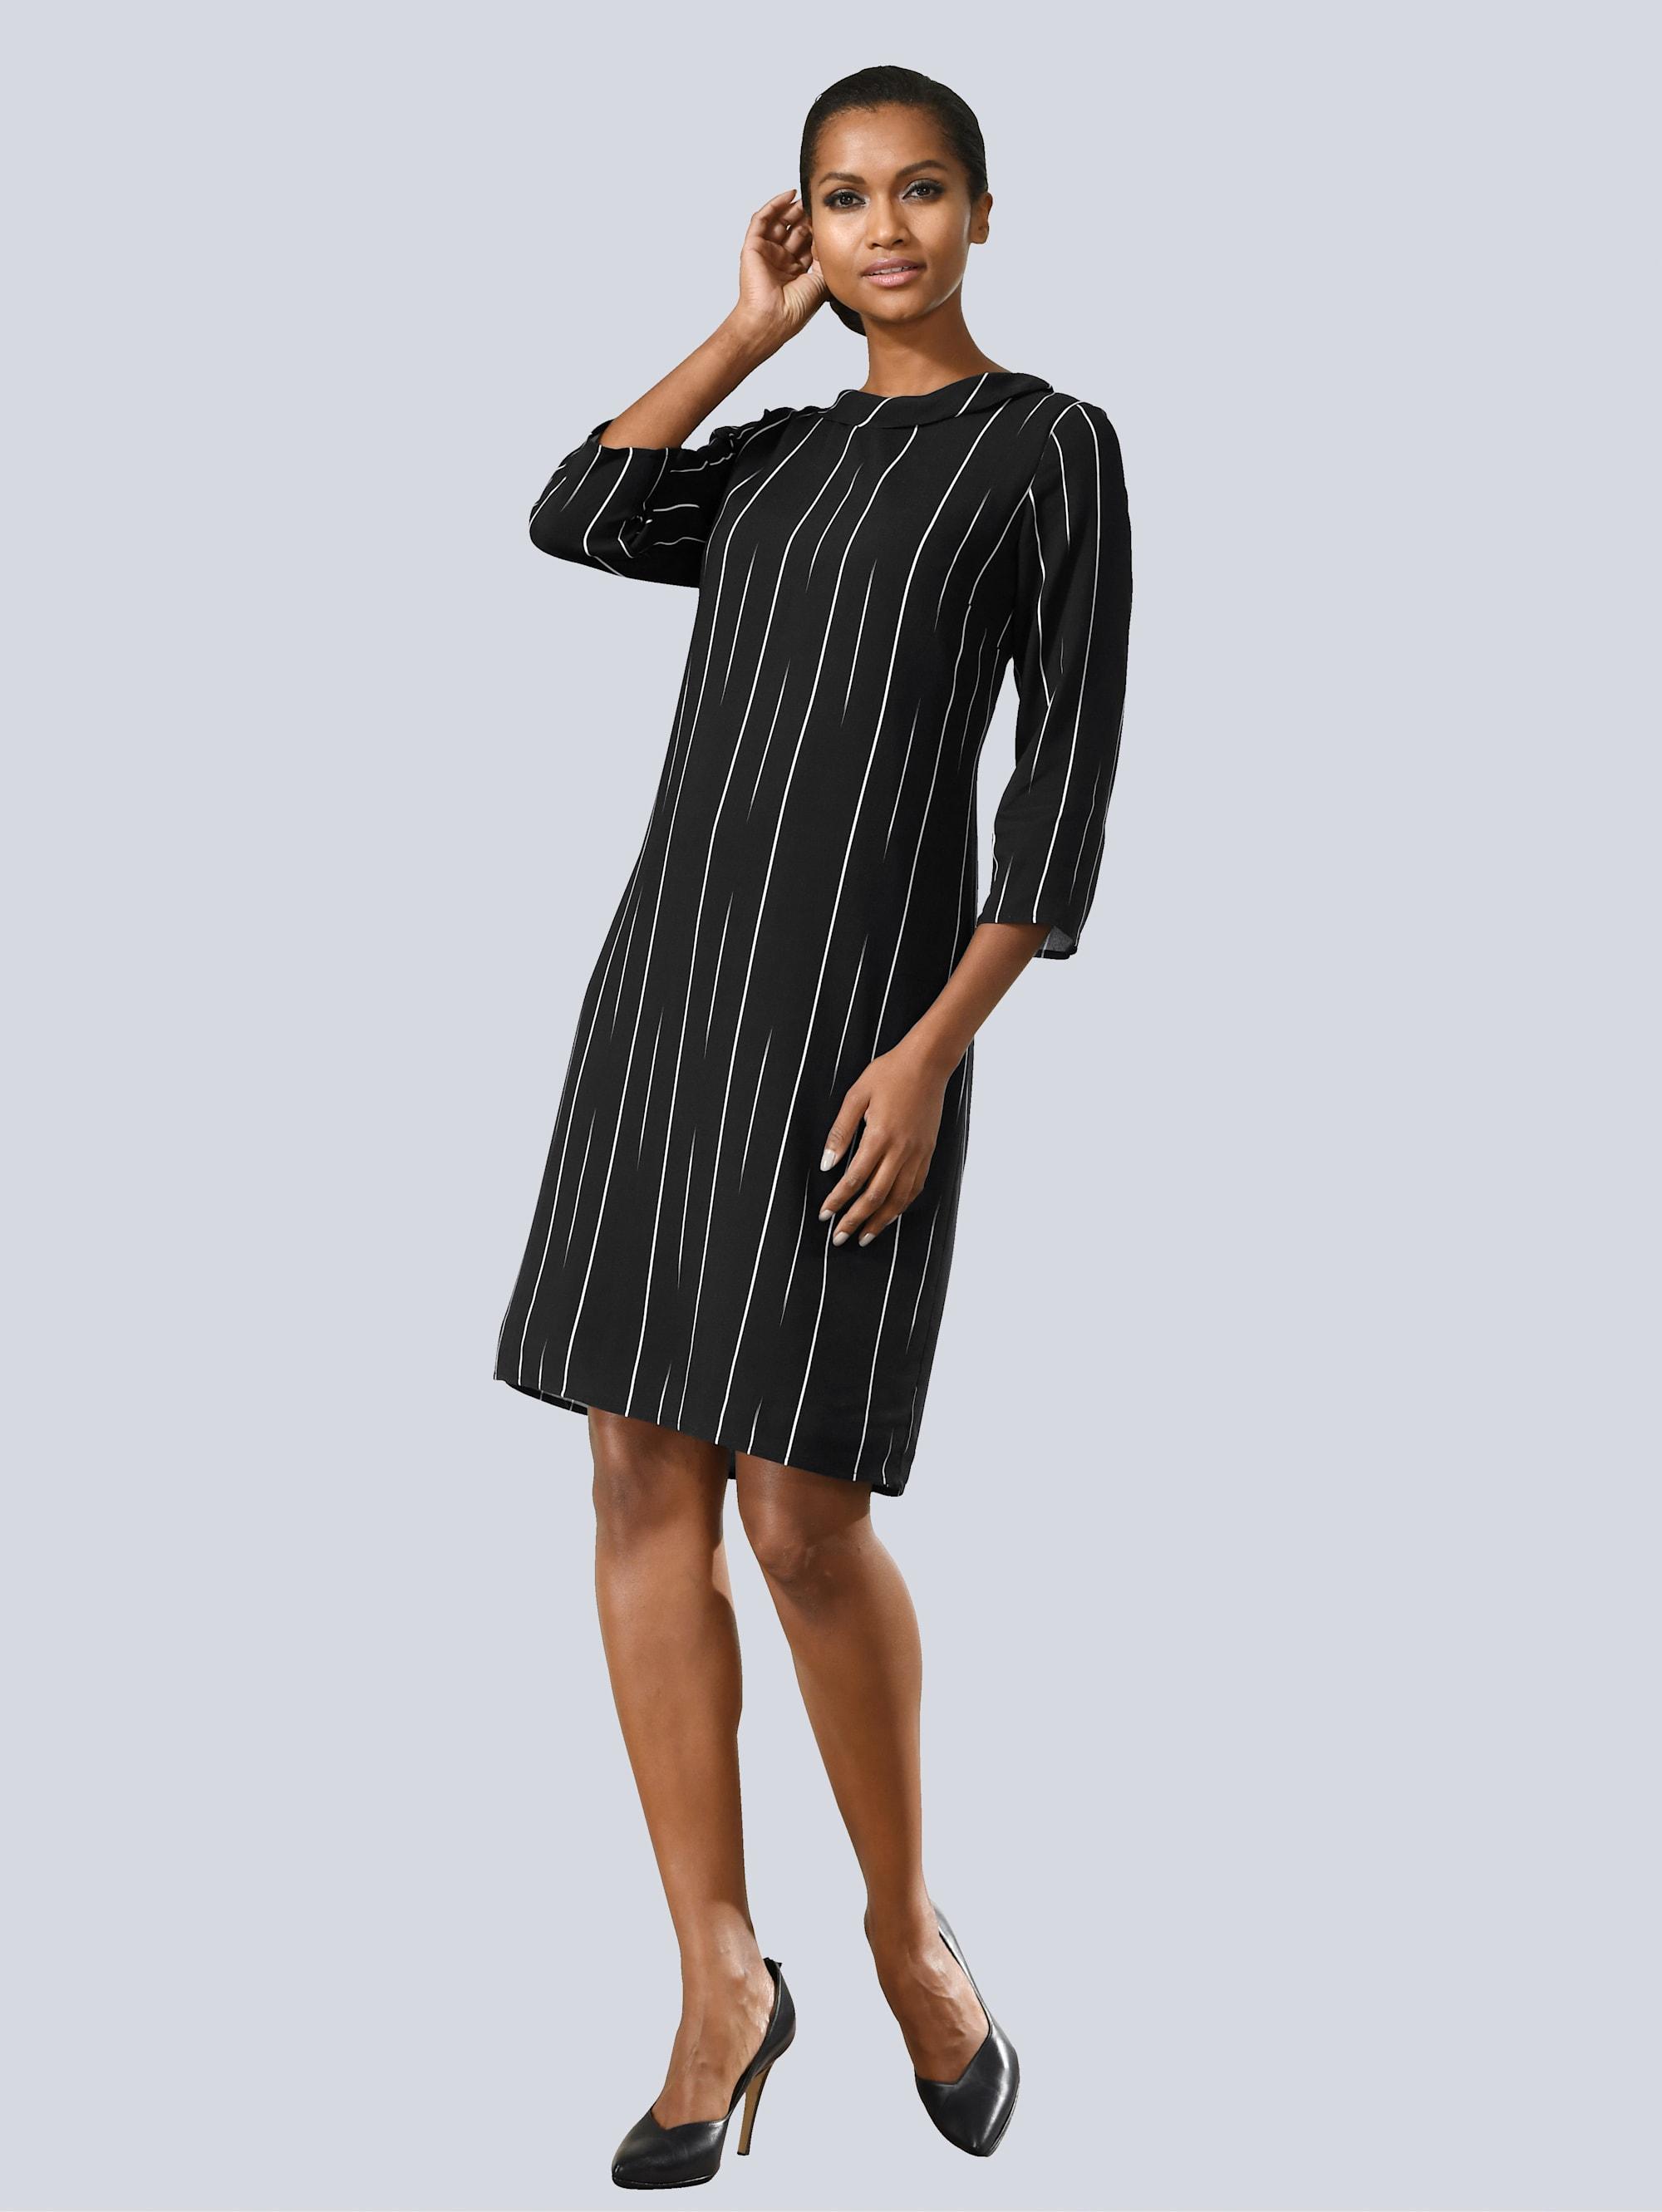 Alba Moda Kleid mit dezenten Streifen XWOTX oB7Du